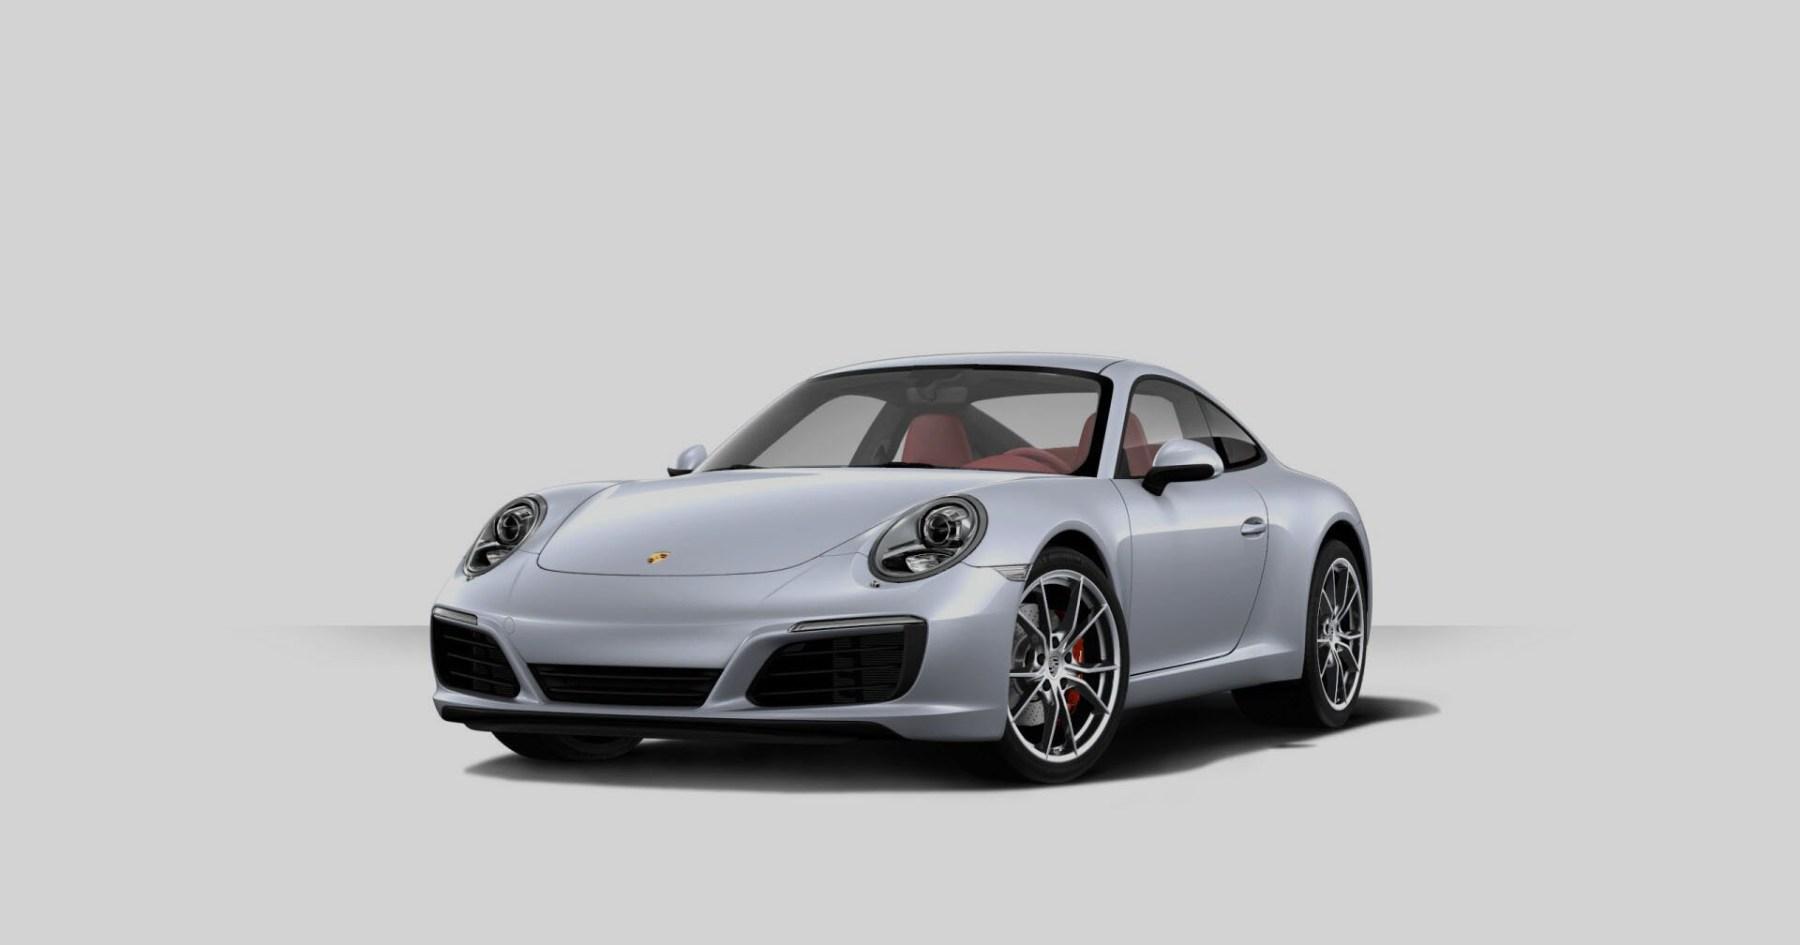 Customize Your Own Car Online >> Build A Custom Porsche 911 R Online On Porsche S Website Insidehook